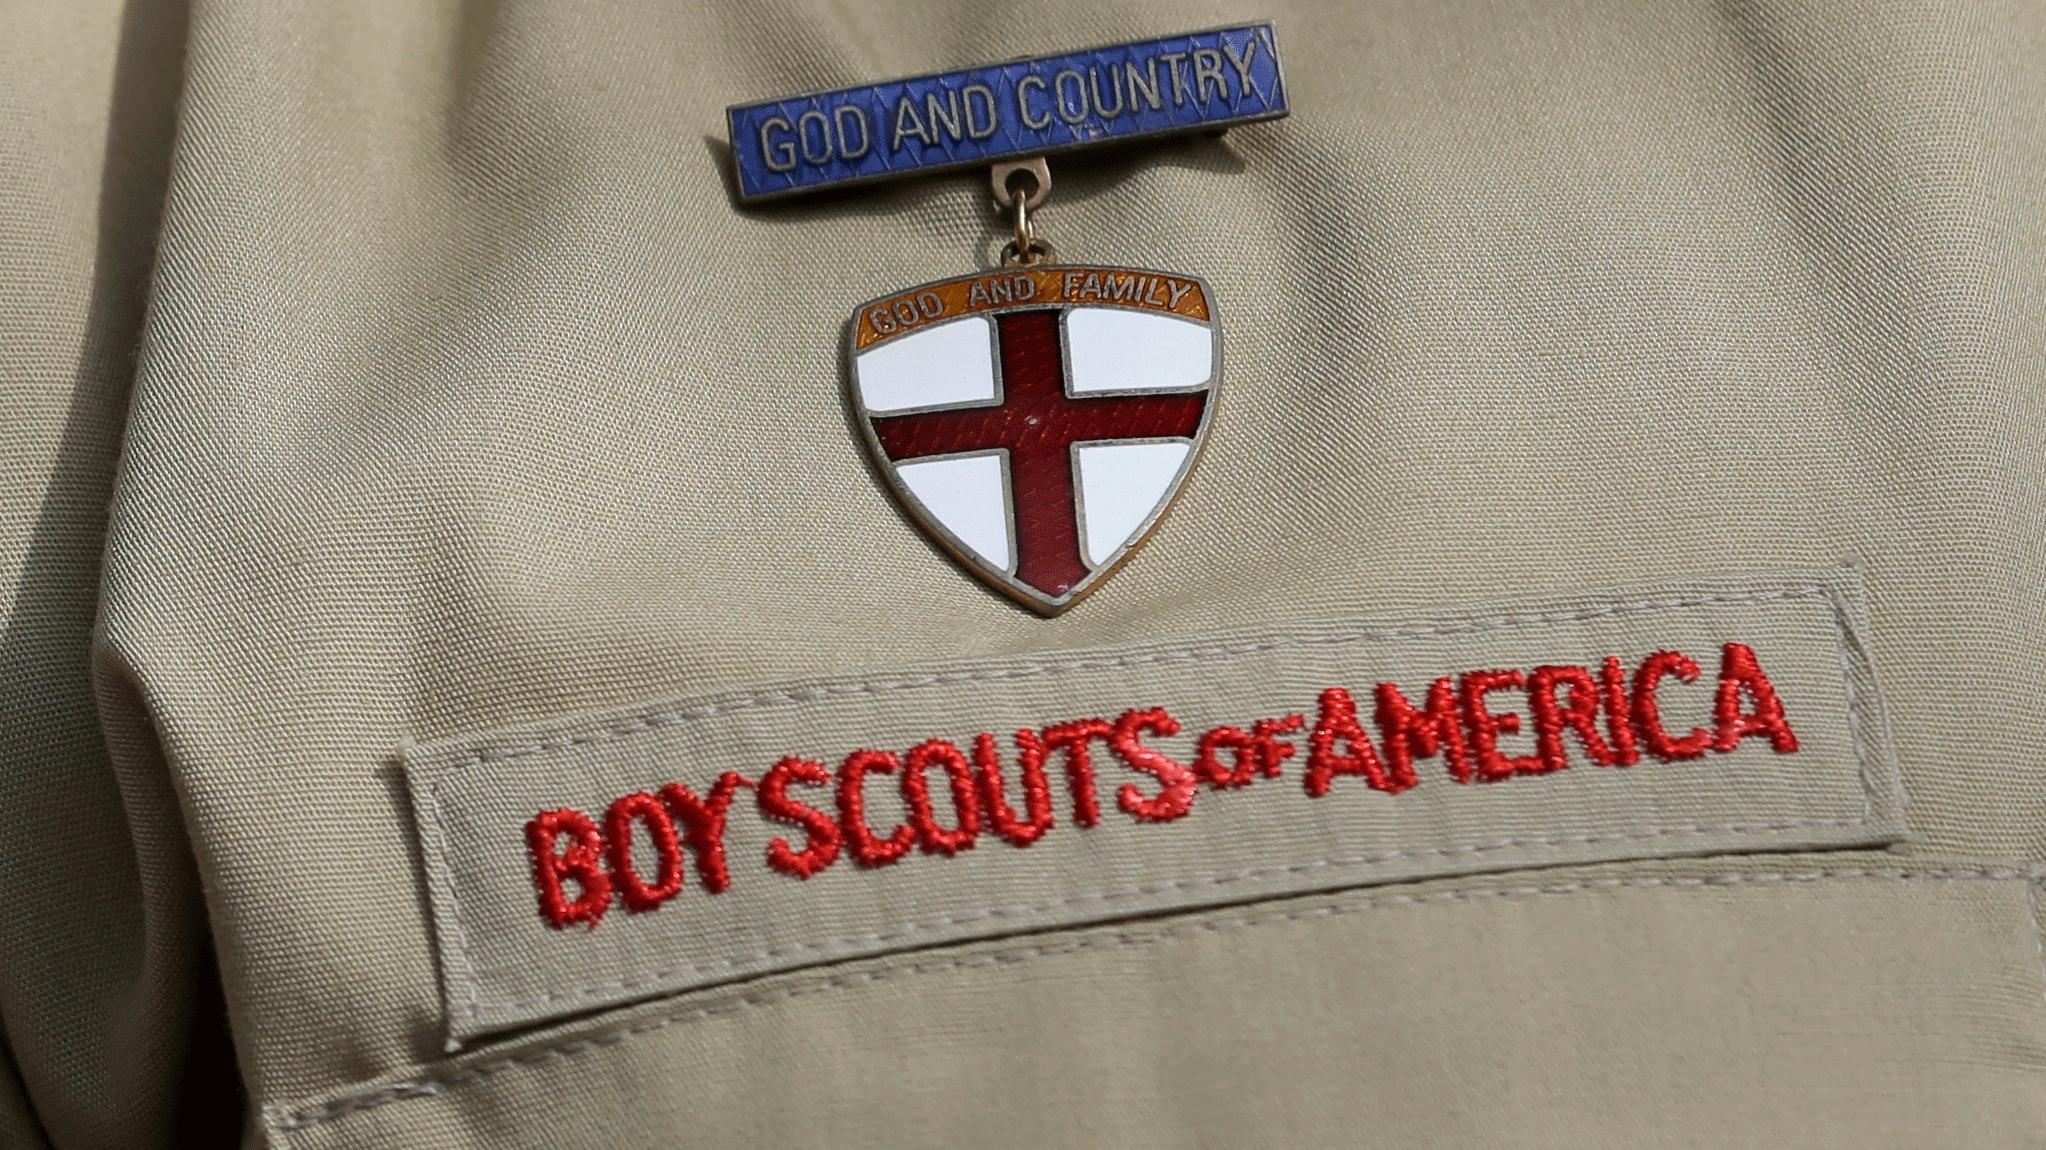 Boy-Scouts_1556148192928.png